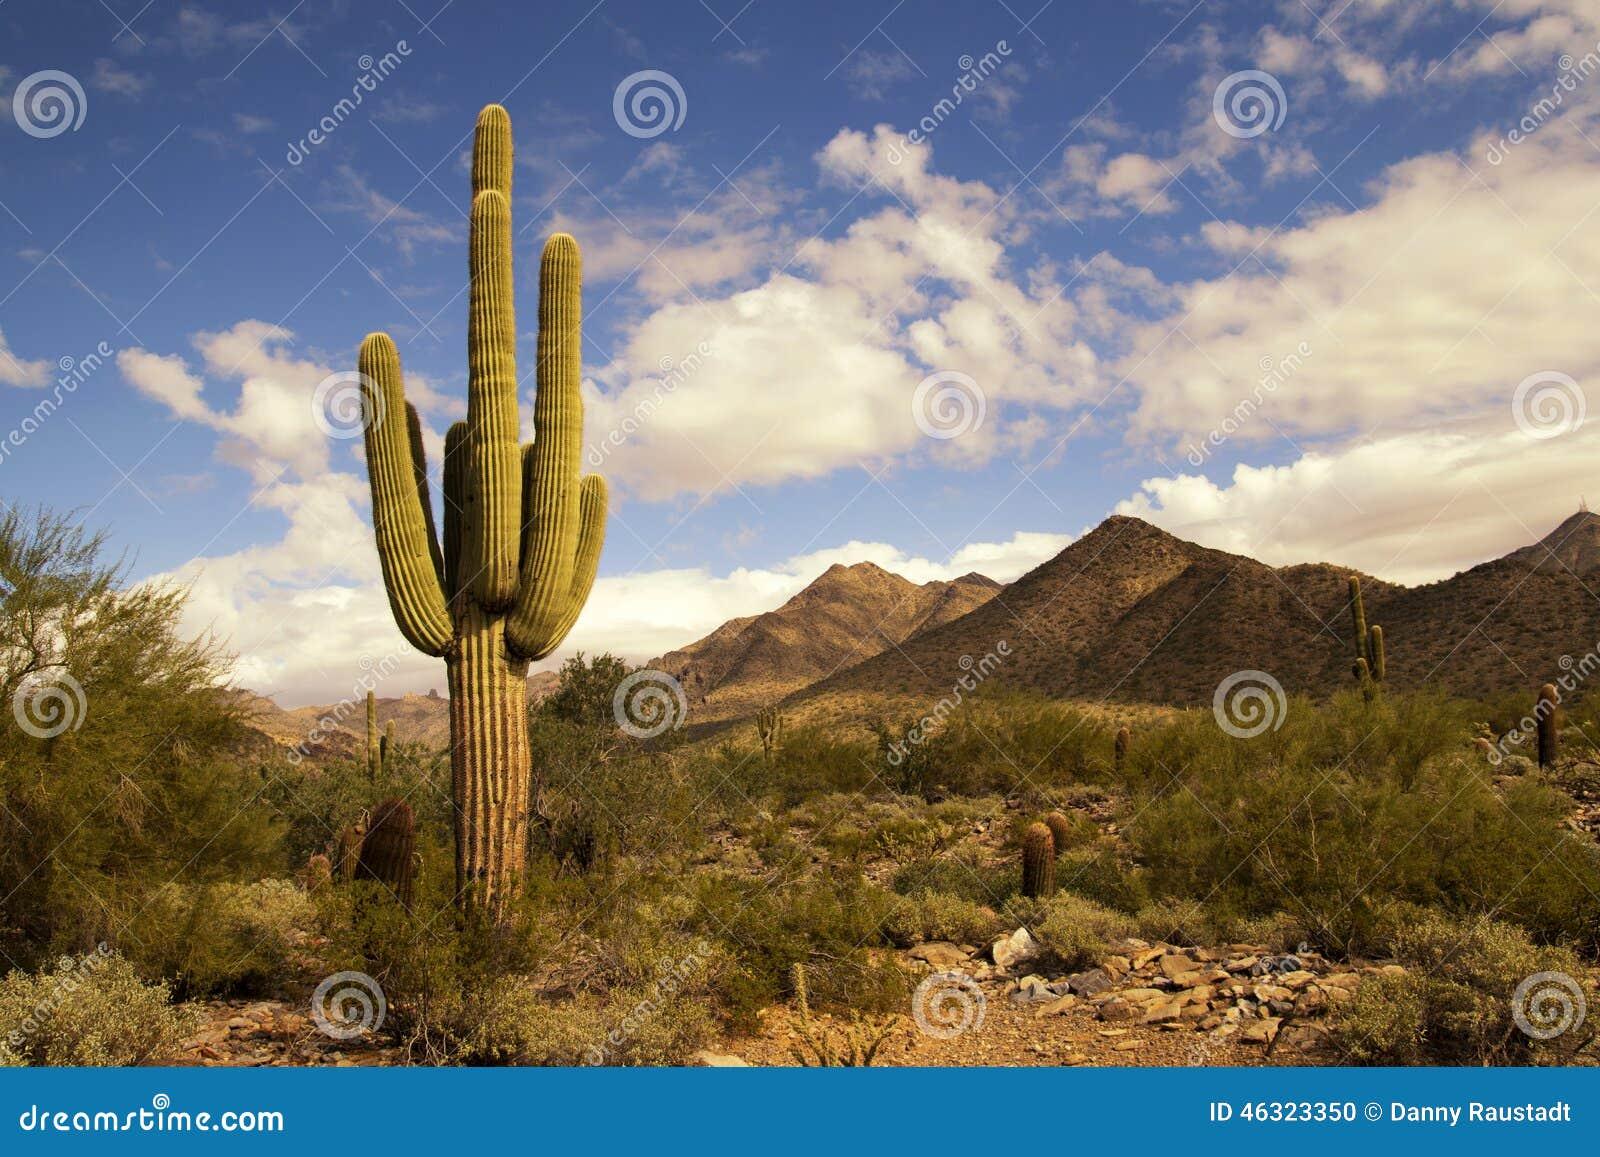 沙漠仙人掌和山